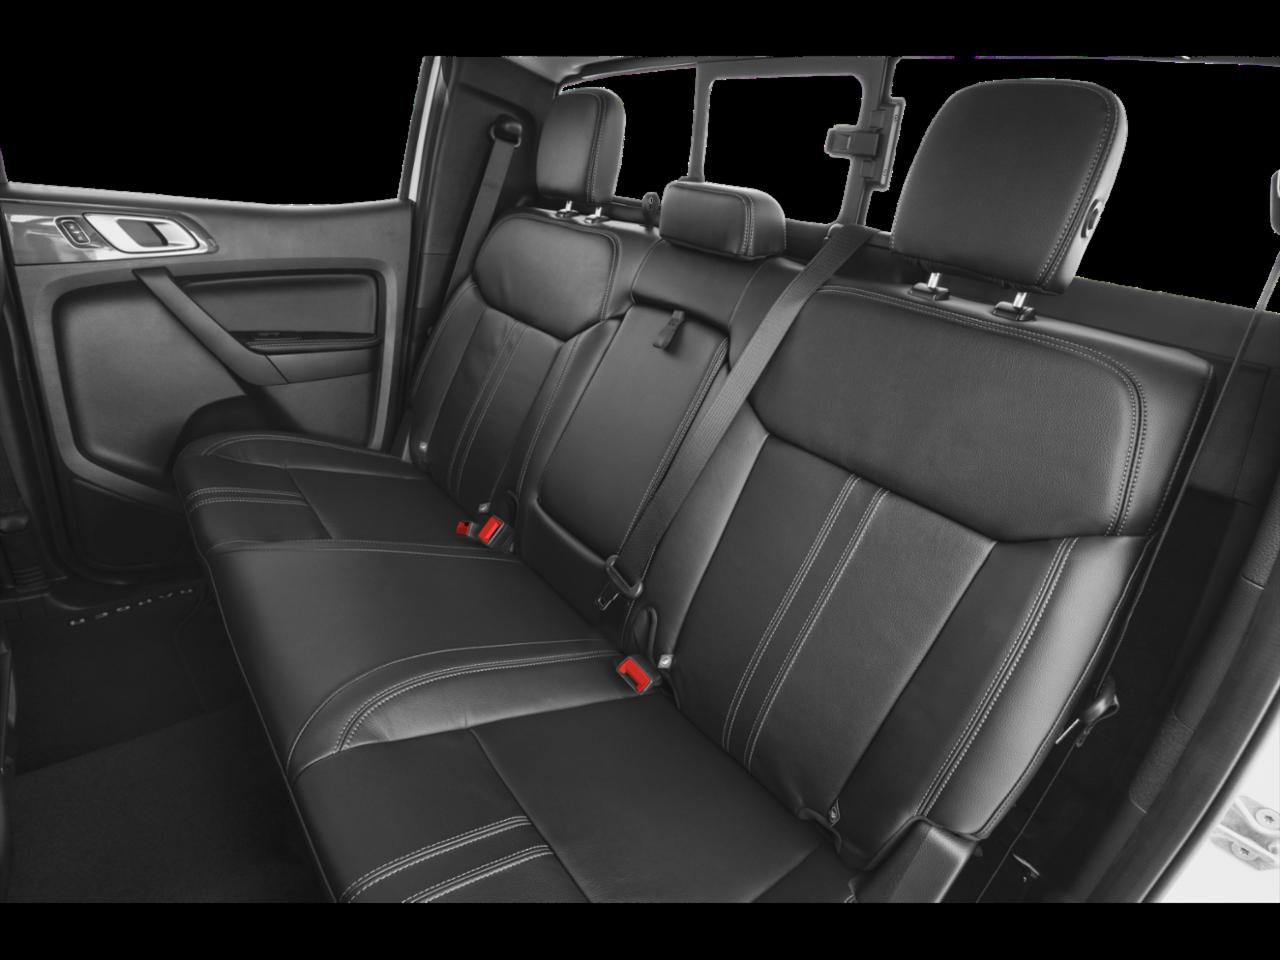 image-9 2020 Ford RANGER